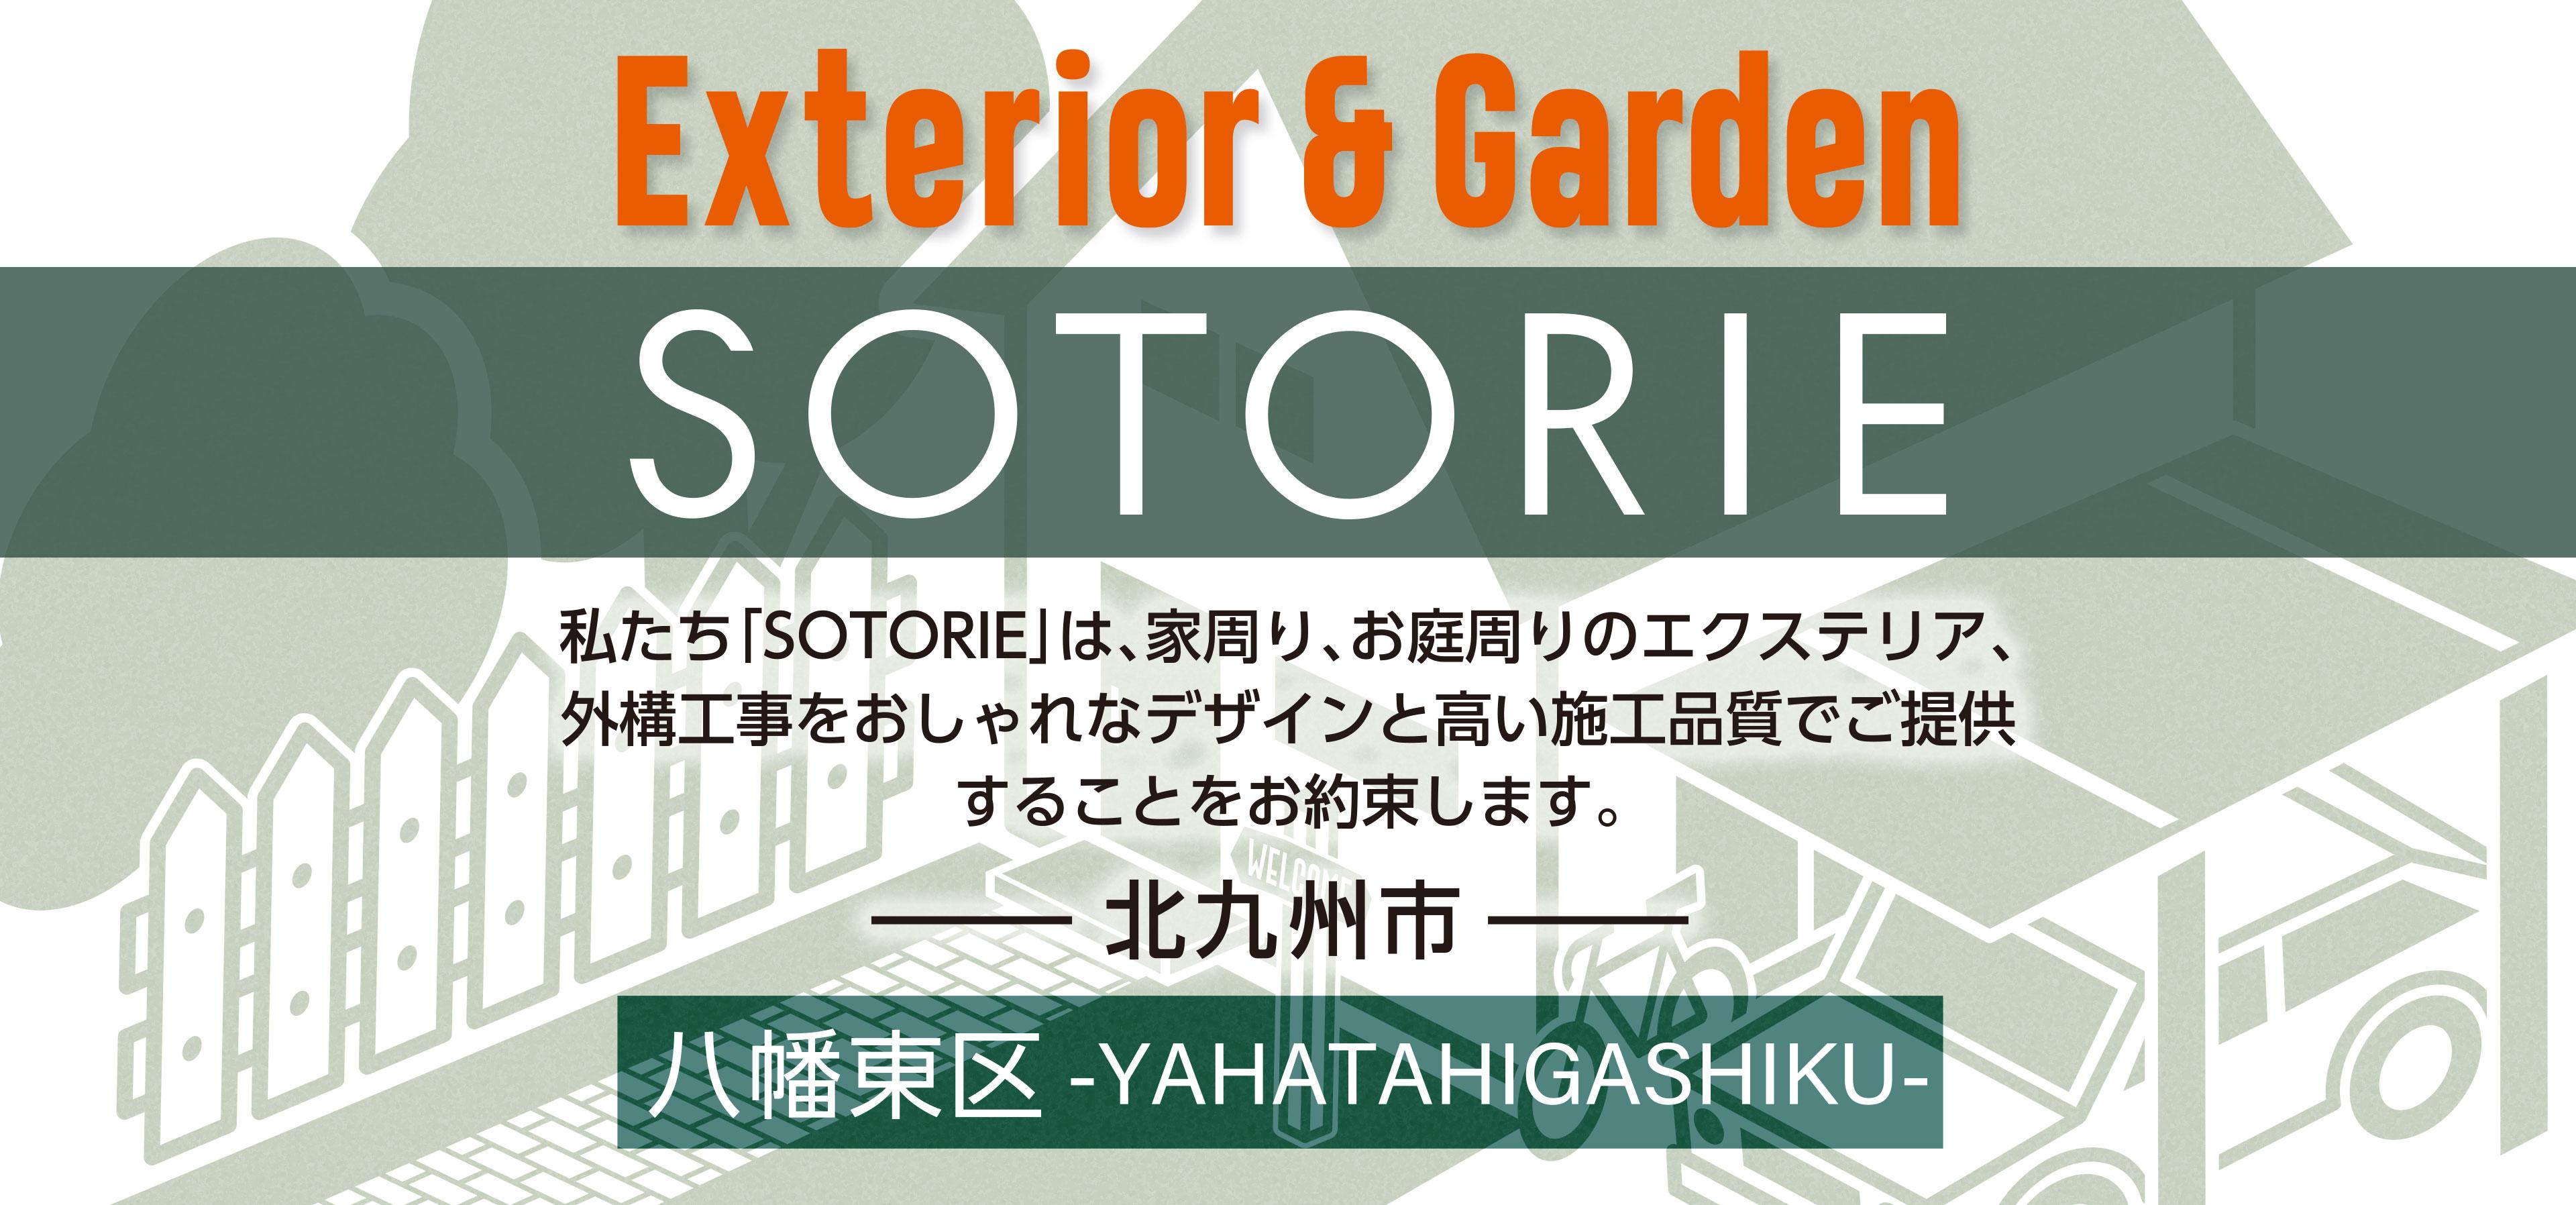 ソトリエ北九州市八幡東区では、家周りと庭周りの外構、エクステリア工事をおしゃれなデザインと高い施工品質でご提供することをお約束します。